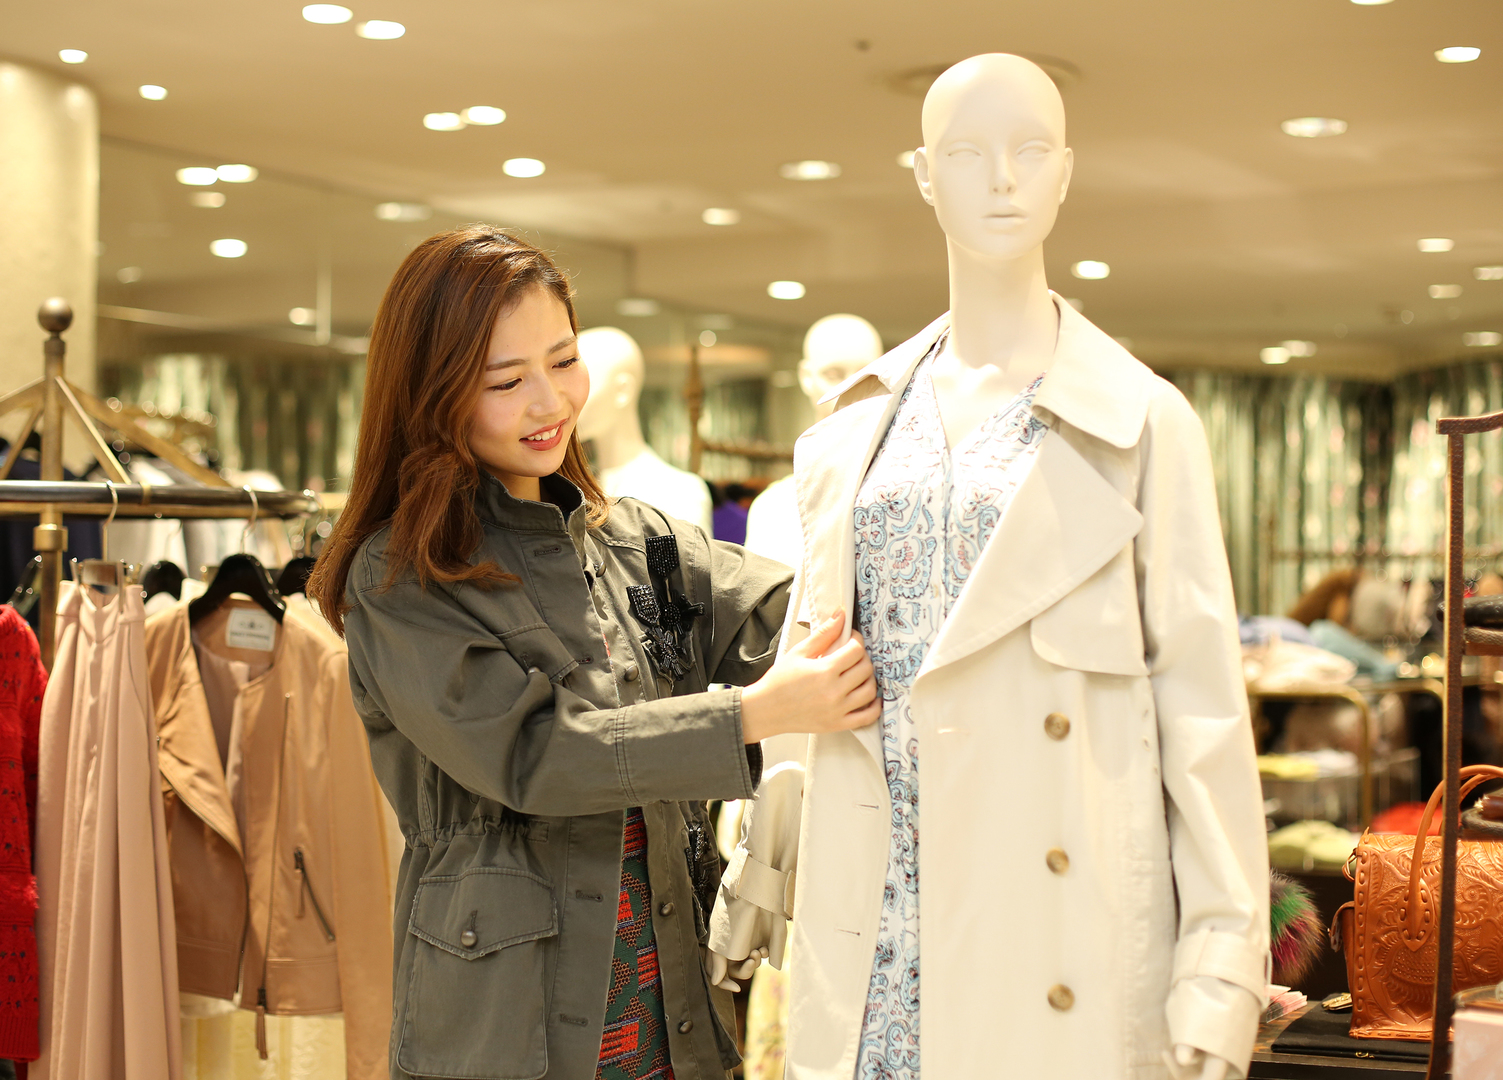 名古屋|ハイクオリティーブランドで販売職を募集します <未経験OK> のカバー写真